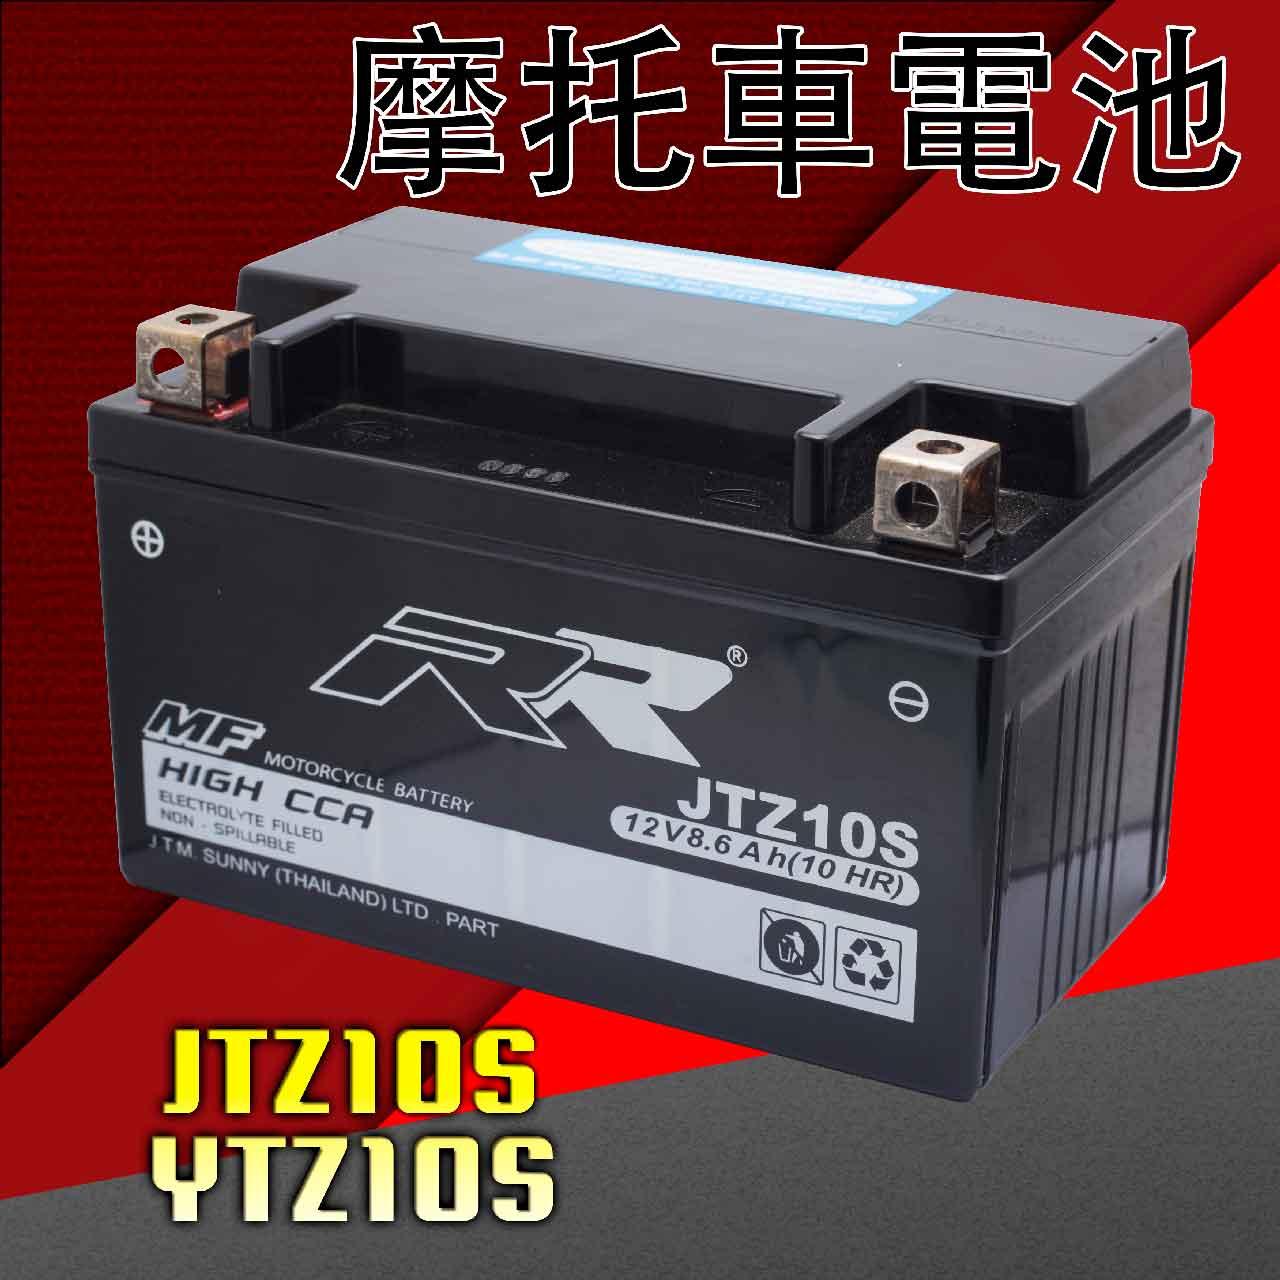 RR JTZ10S YUASA YTZ10S 12V 8.6Ah 190CCA แบตเตอรี่มอเตอร์ไซต์ 1